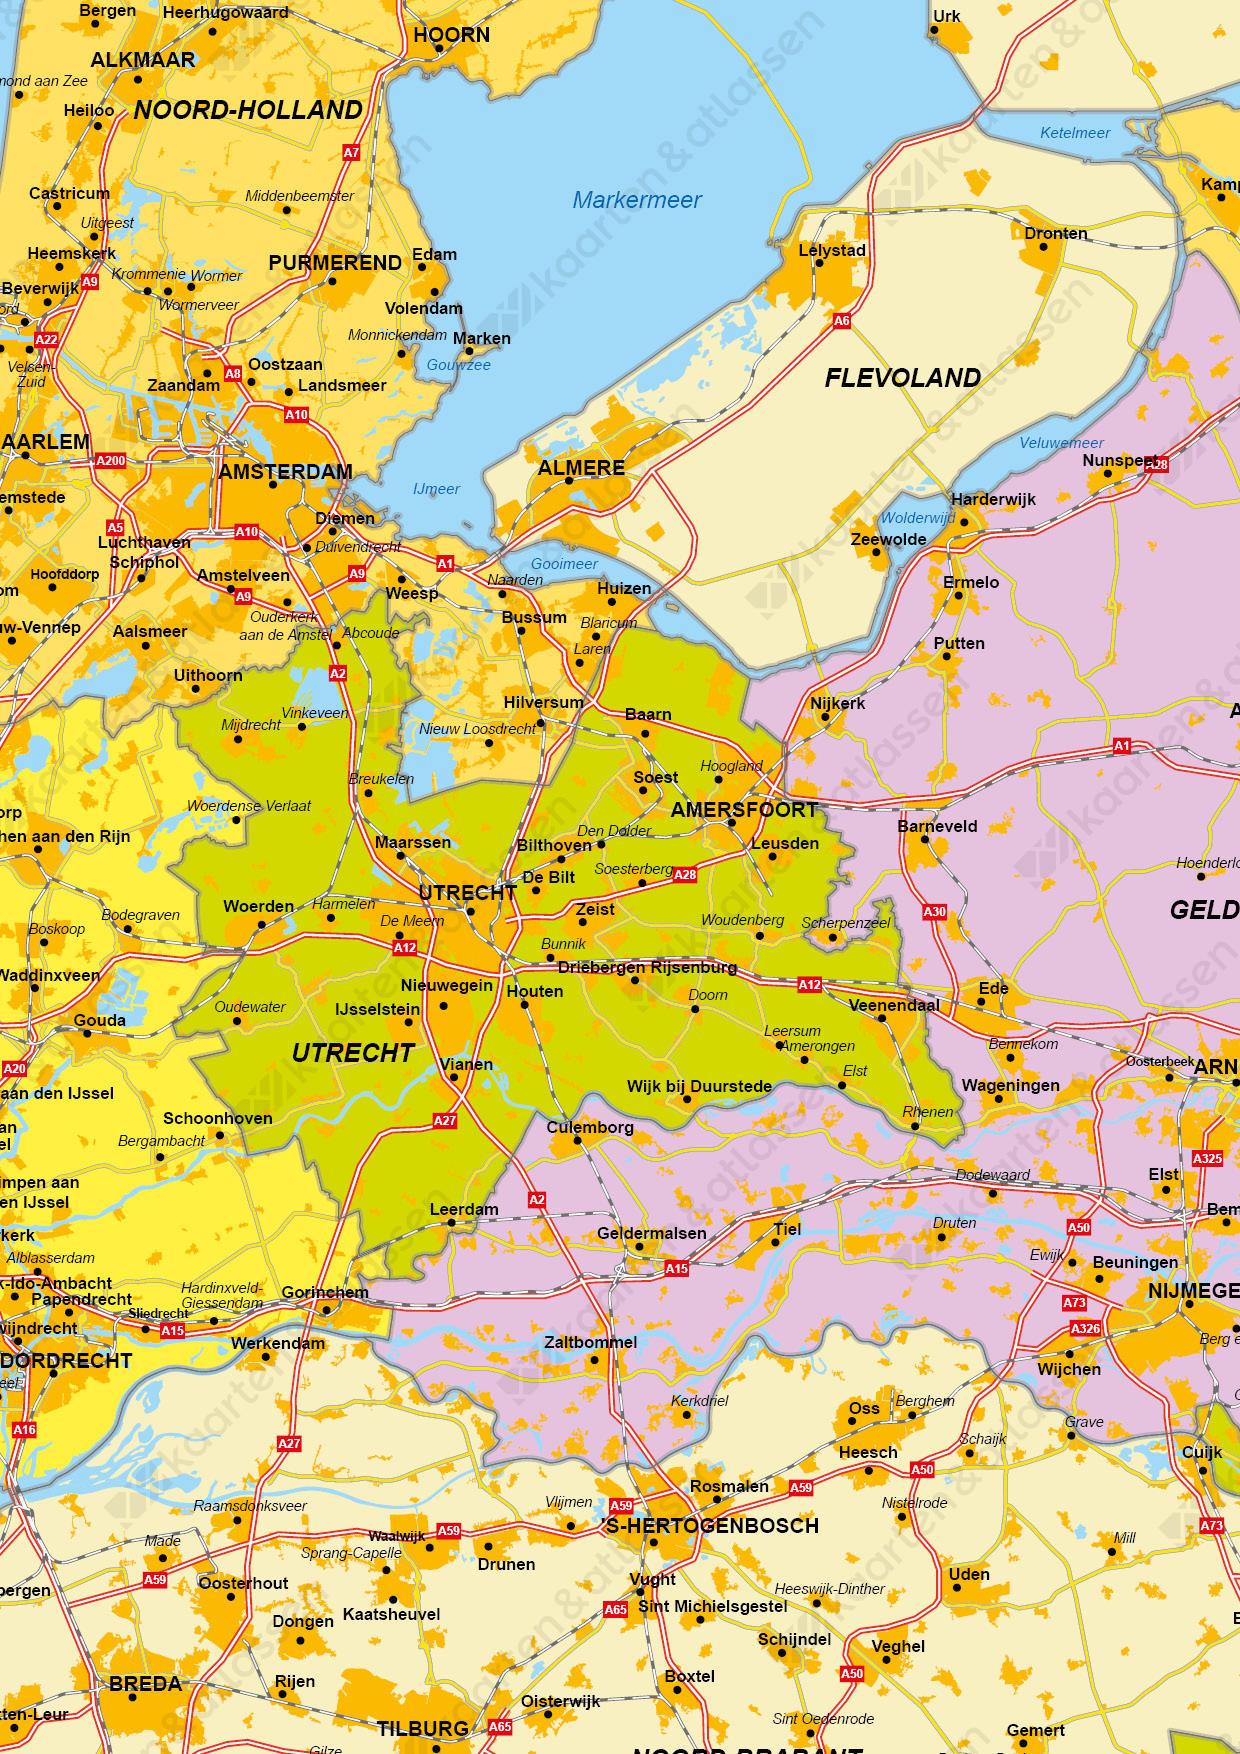 Digitale Gedetailleerde kaart van Nederland